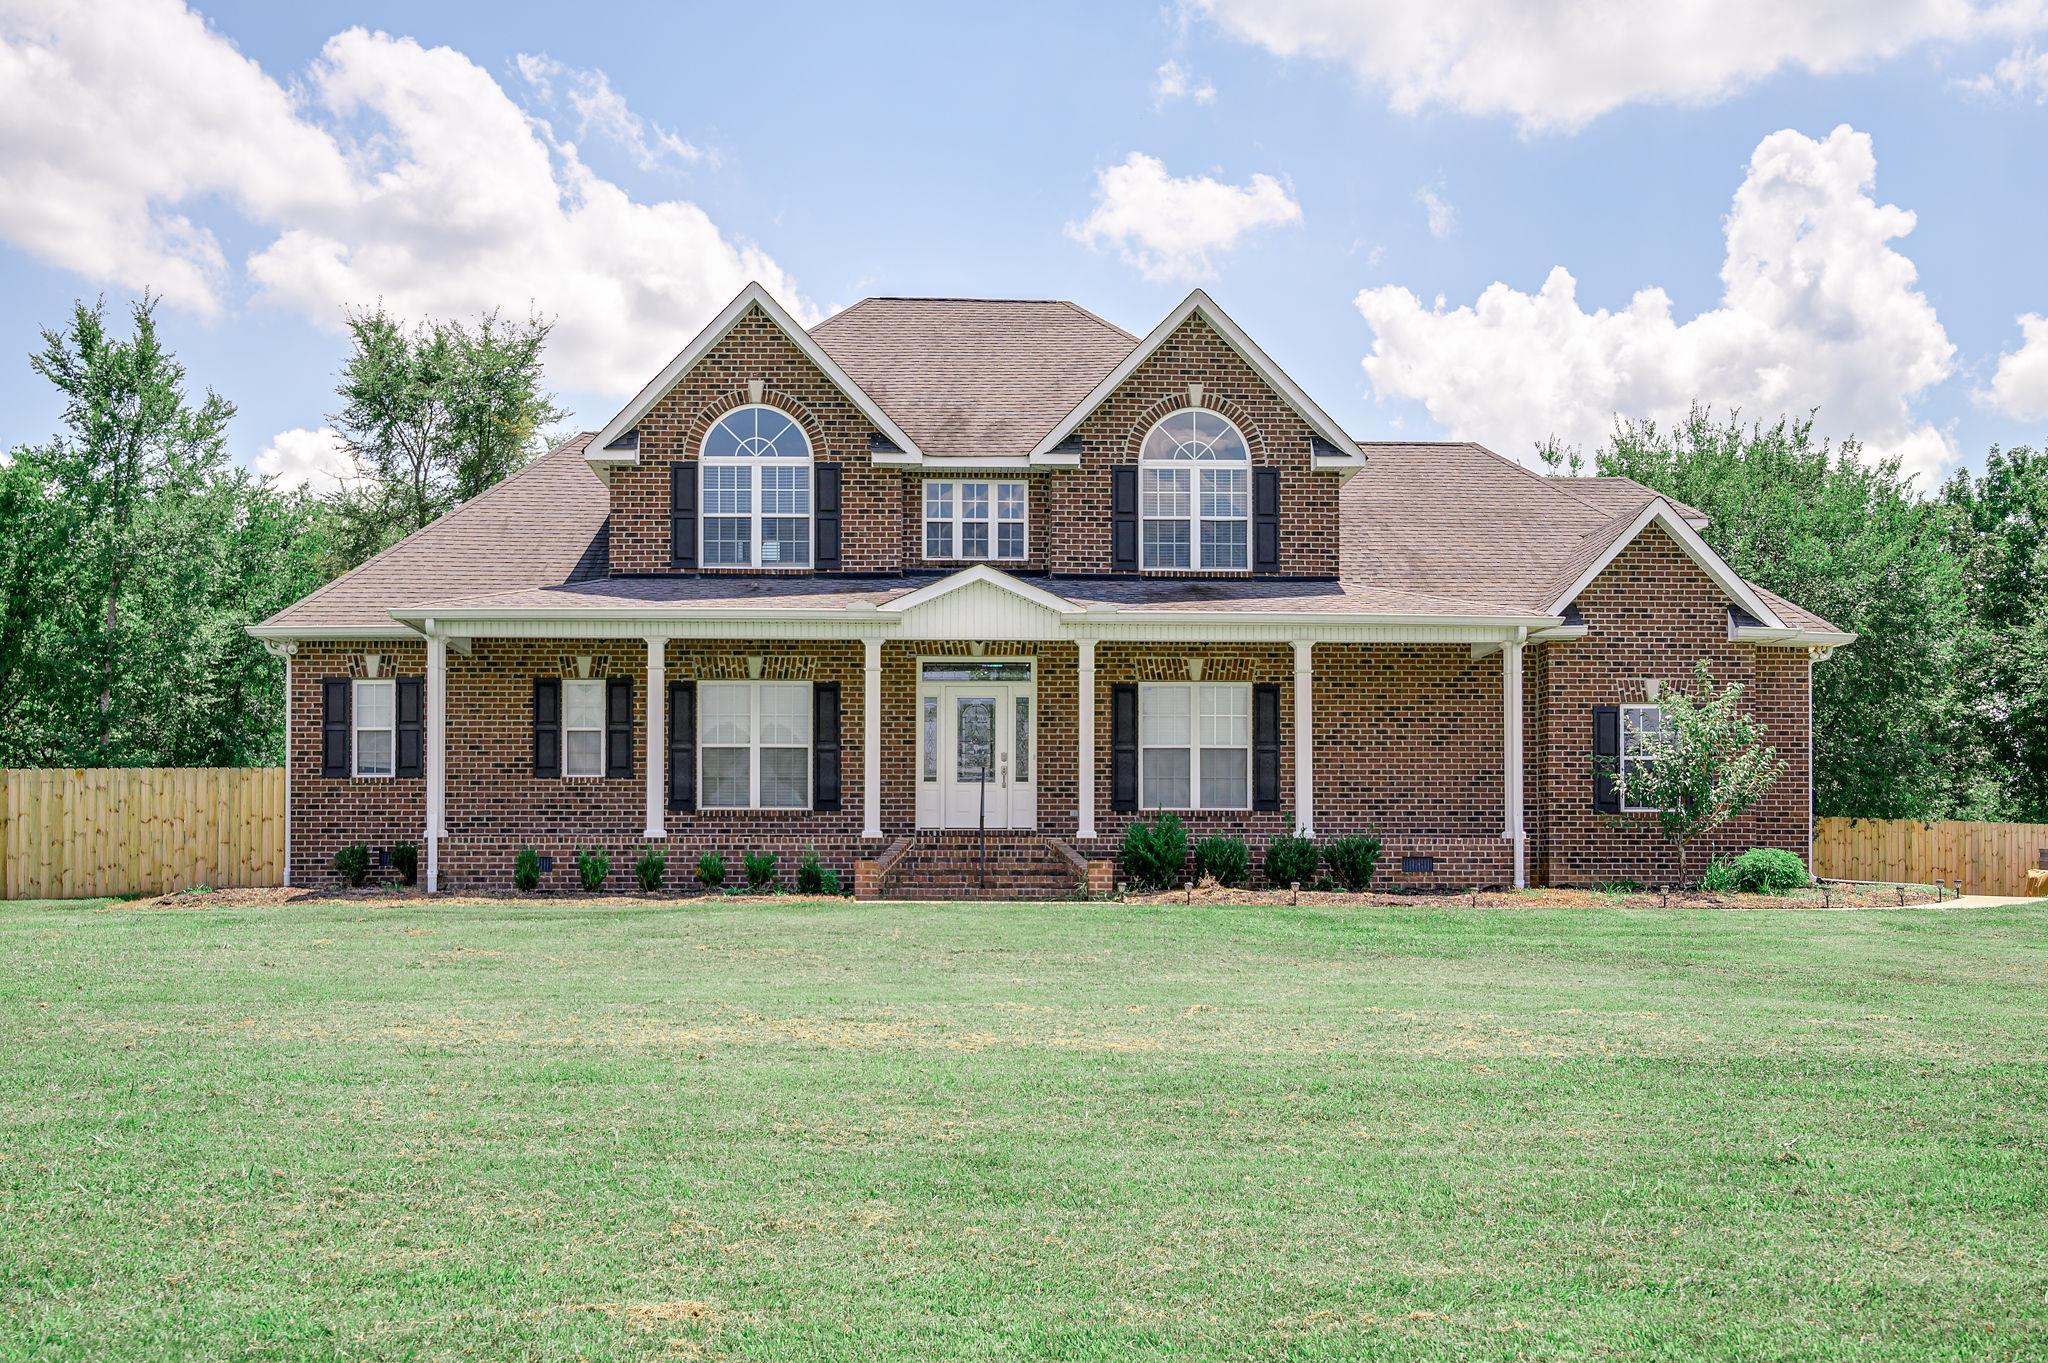 8460 E Gum Rd, Murfreesboro, TN 37127 - Murfreesboro, TN real estate listing